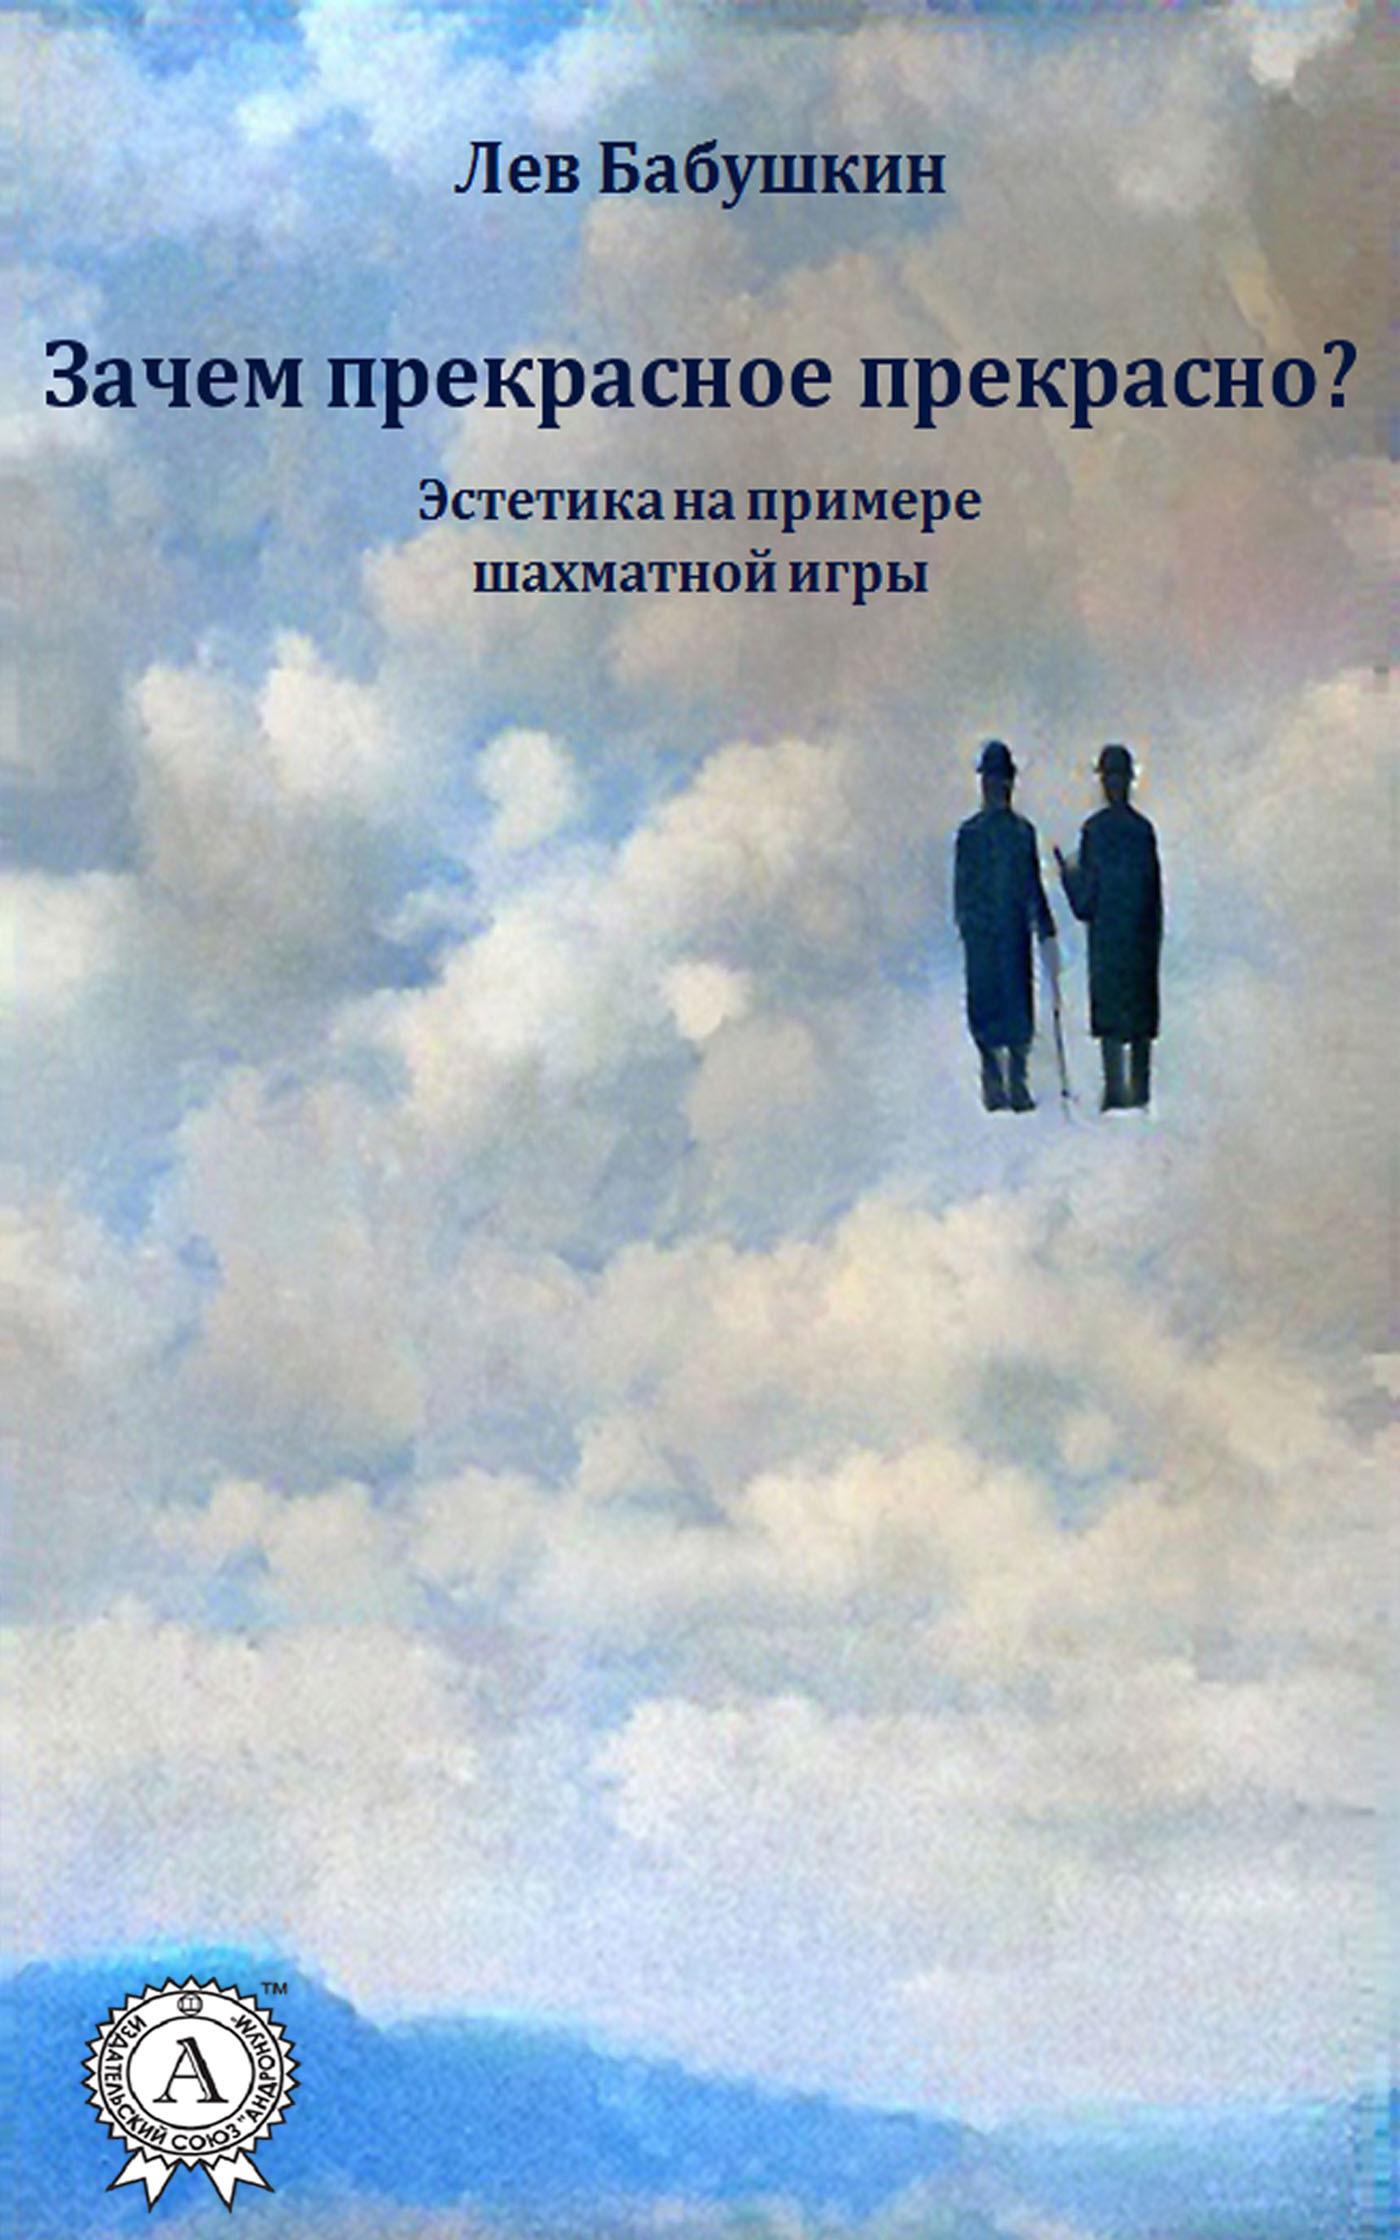 Лев Бабушкин бесплатно